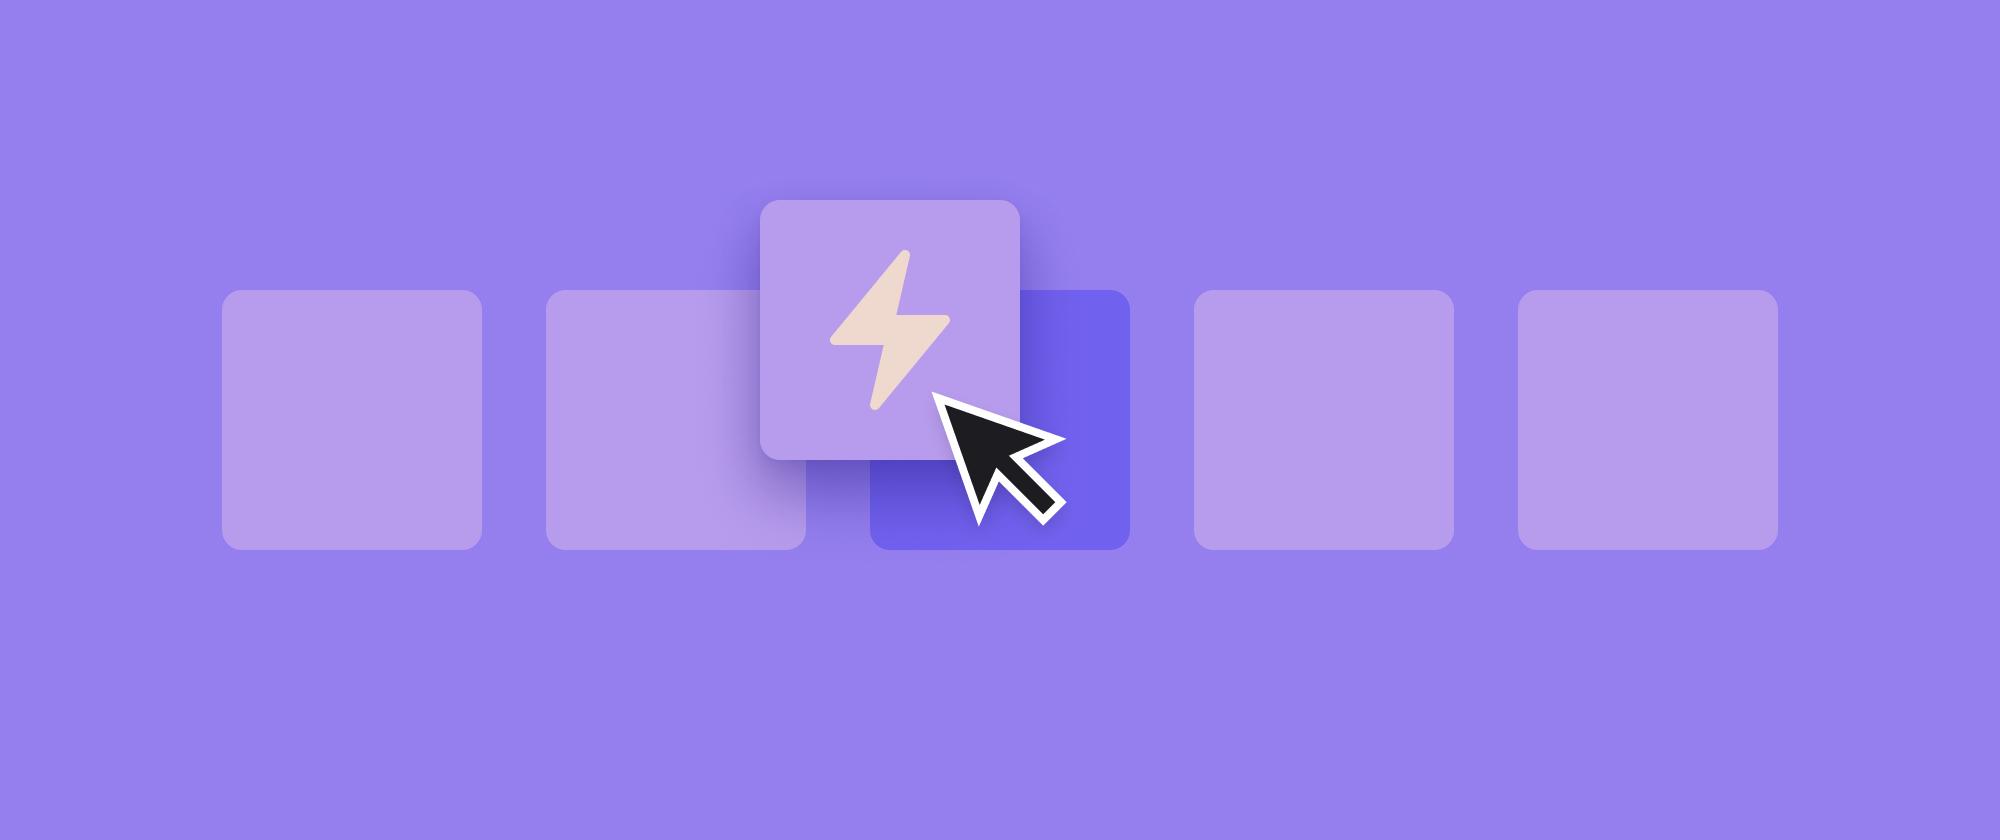 Flash Grid: aprenda CSS Grid construindo um sistema de grade